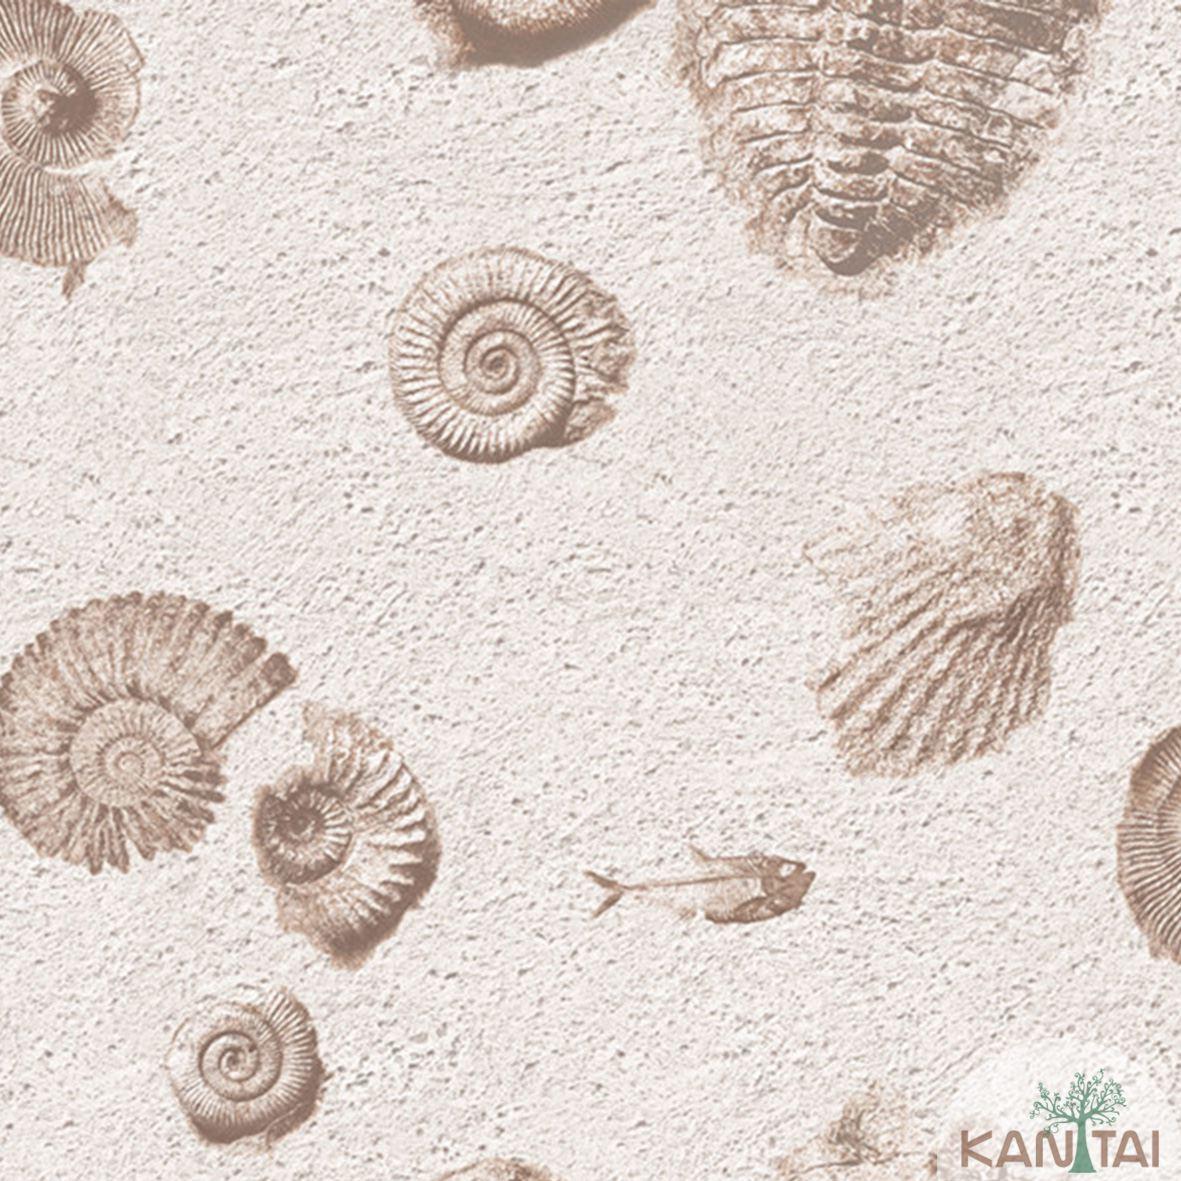 Papel de Parede  Vinilico Kan Tai Coleção Neonature III 3D Conchas Bege, Marrom